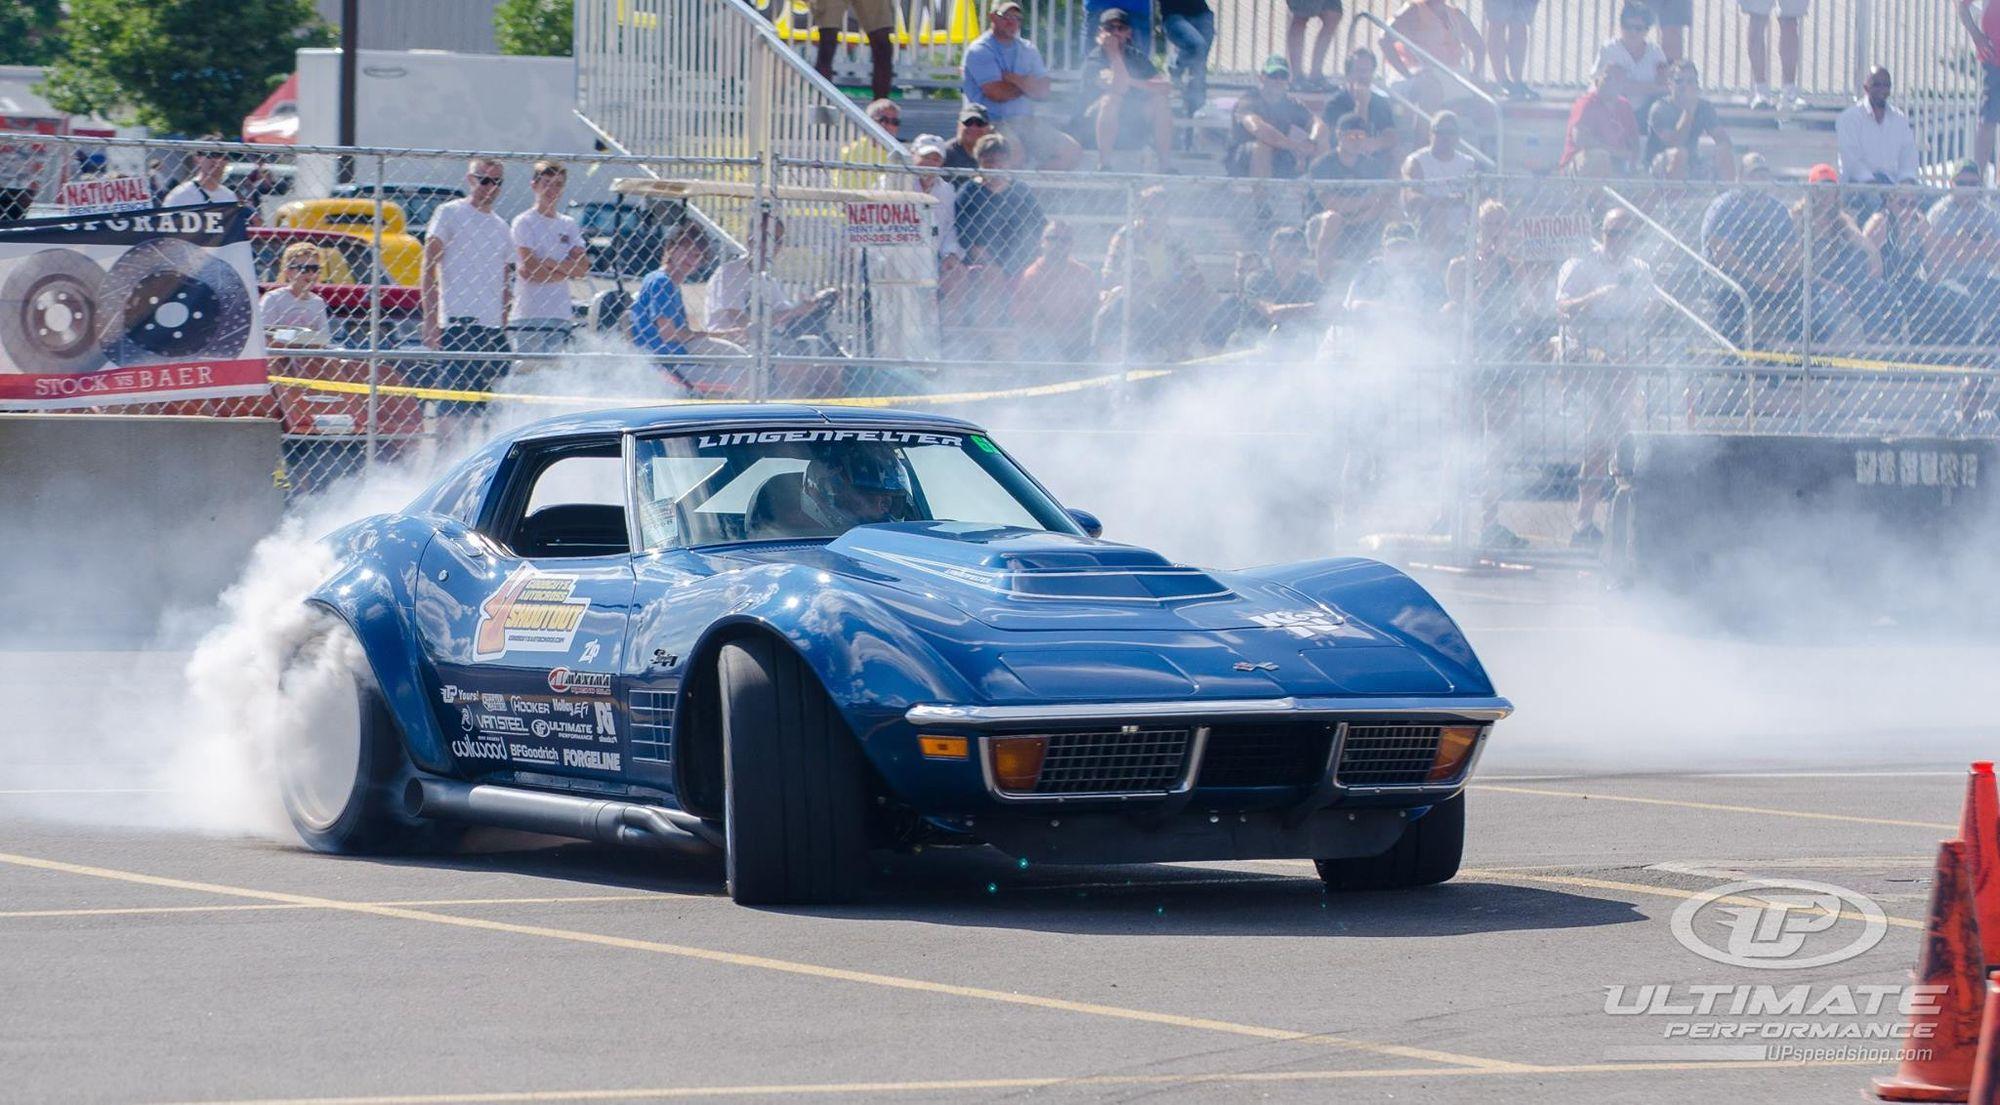 1972 Chevrolet Corvette Stingray | Danny Popp Wins 2017 Goodguys PPG Nationals Sponsor Shootout with '72 Corvette on Forgeline GA3R Wheels